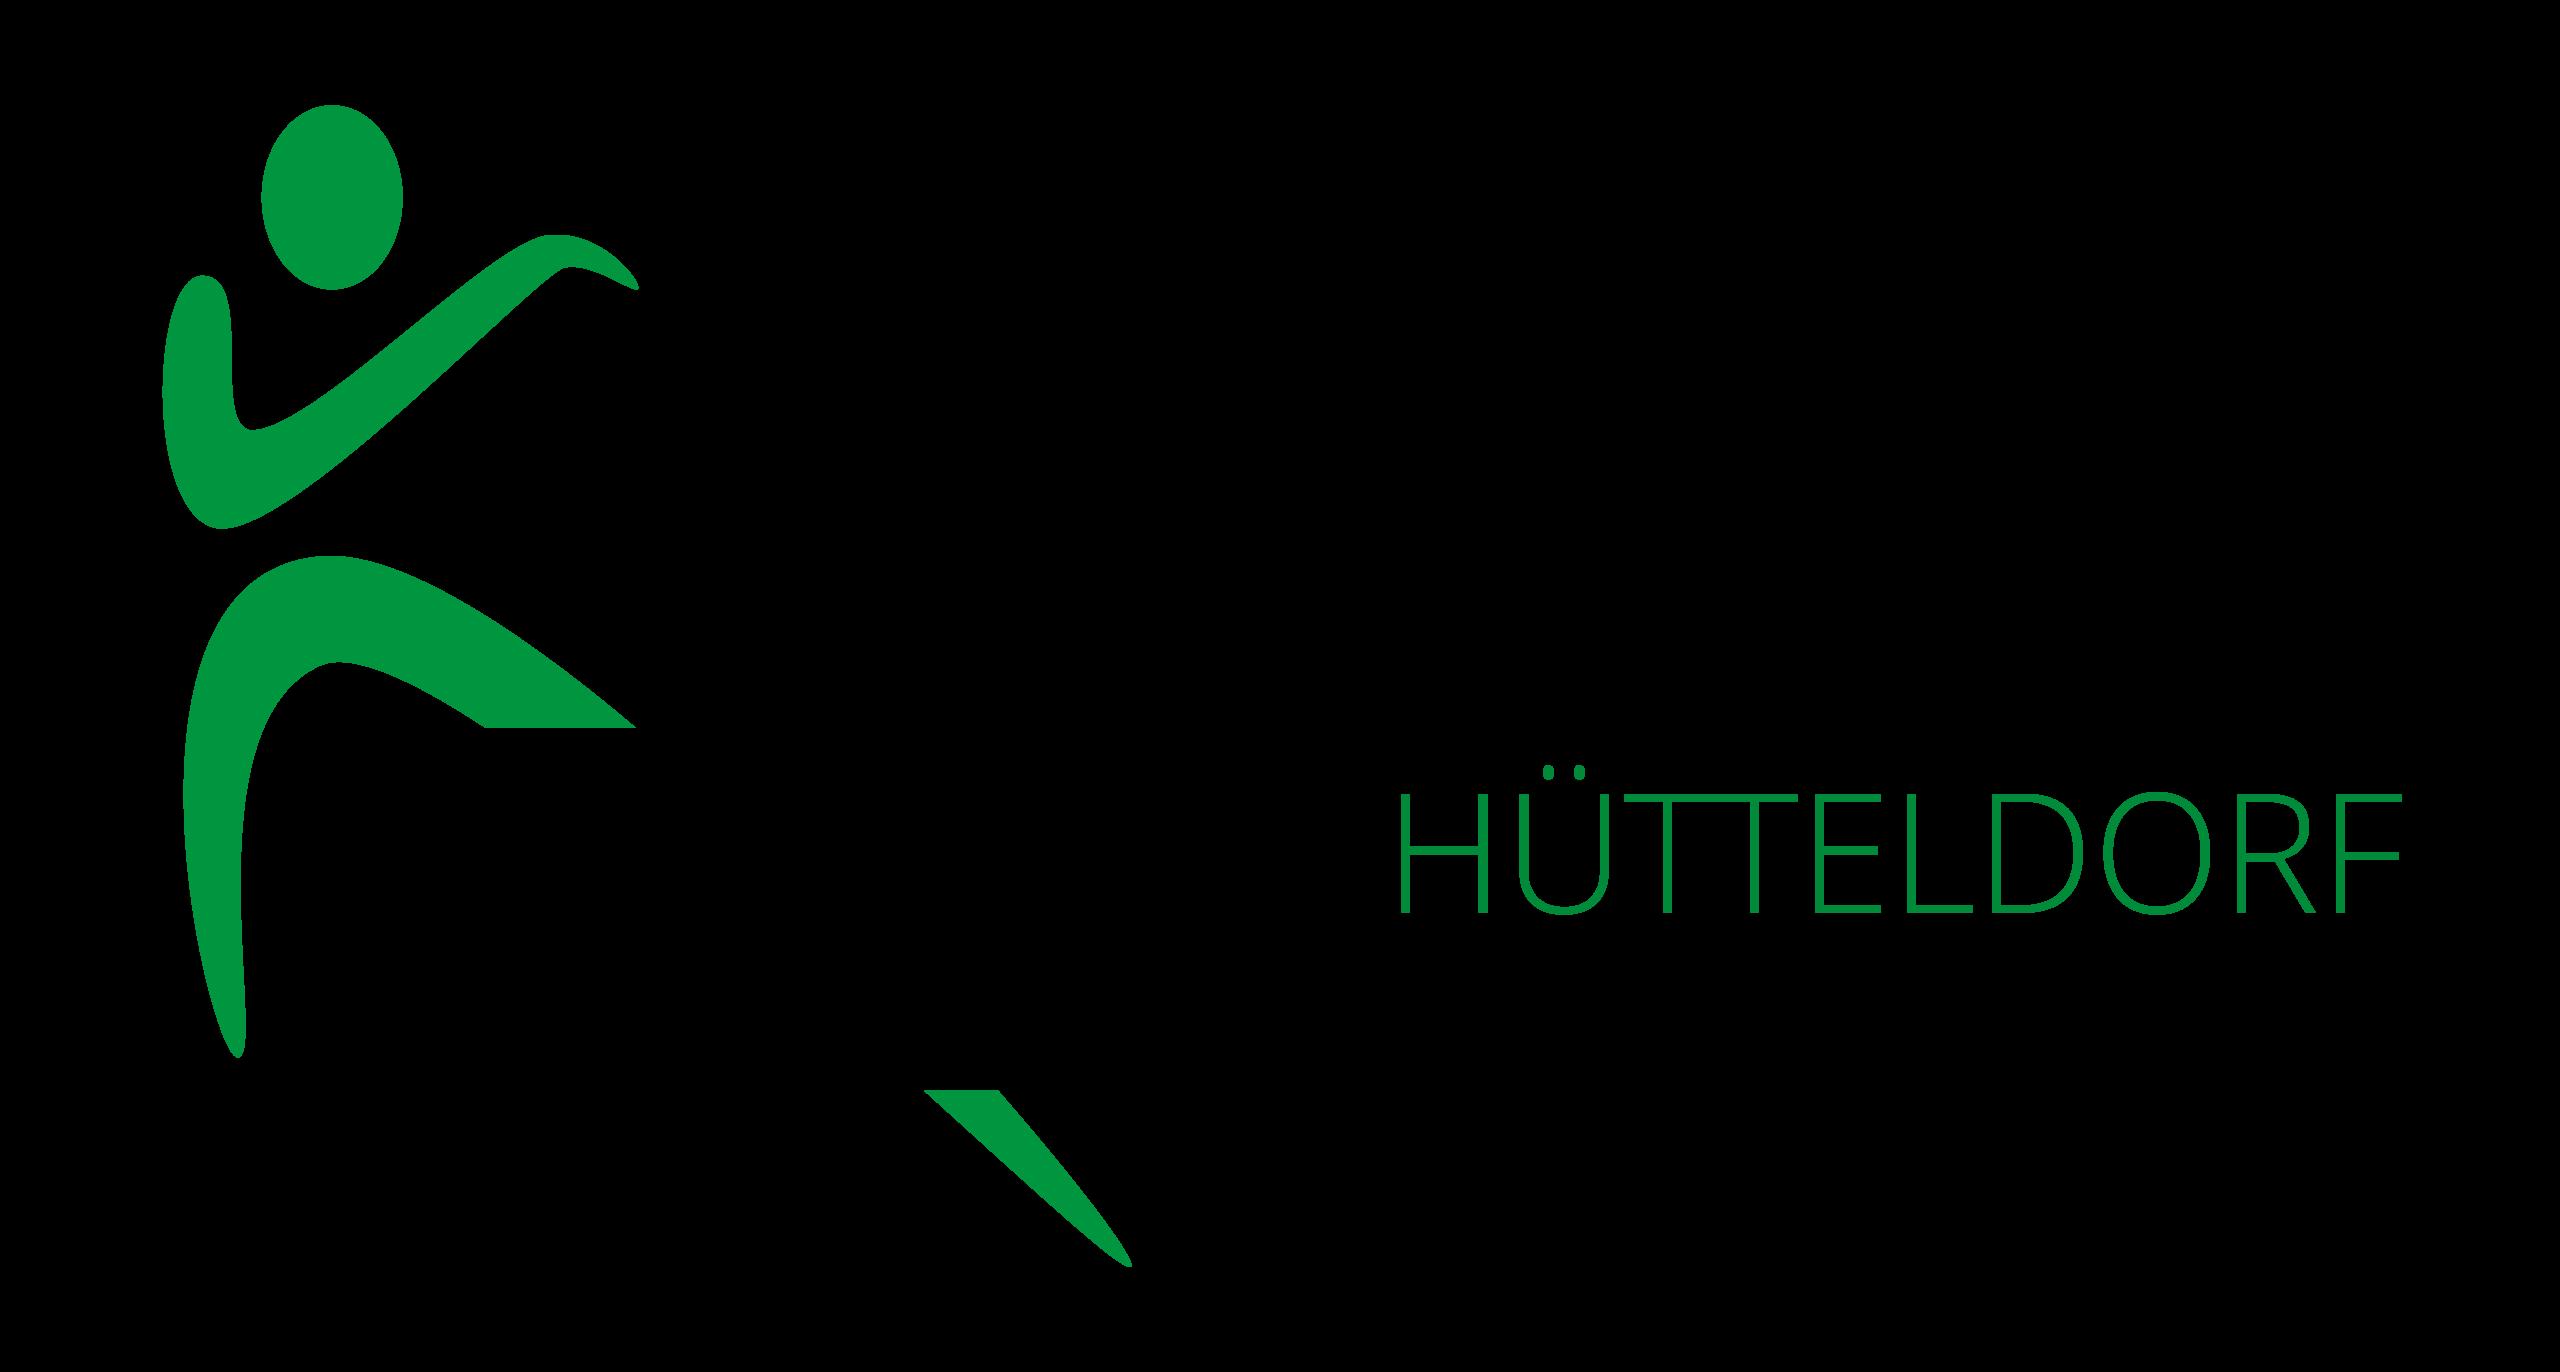 Logo_RGB_2560x1372